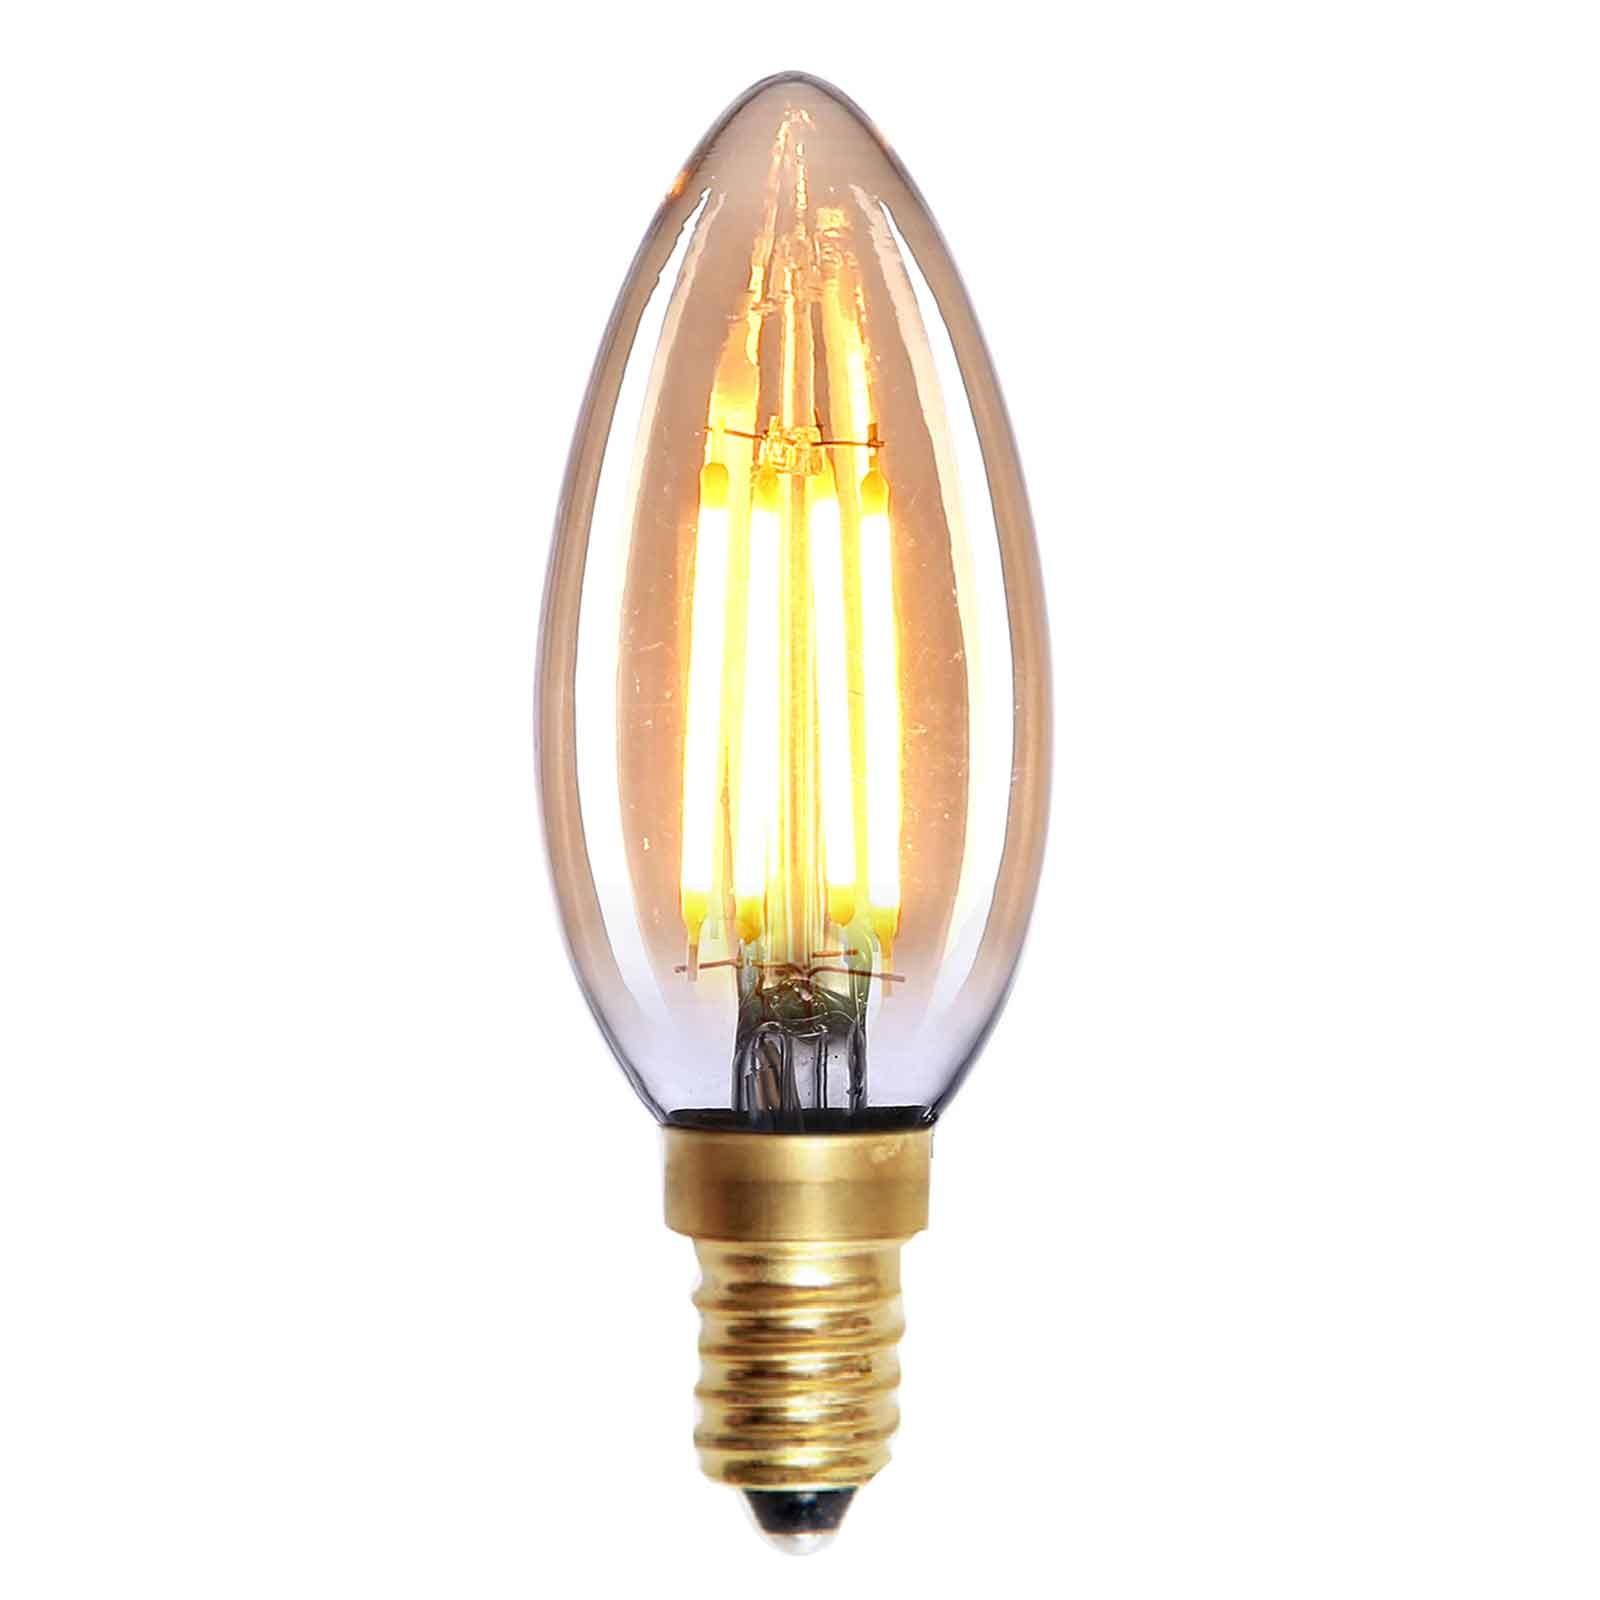 Highlight Lamp LED E14 kaars 4W 280LM 2200K Dimbaar amber